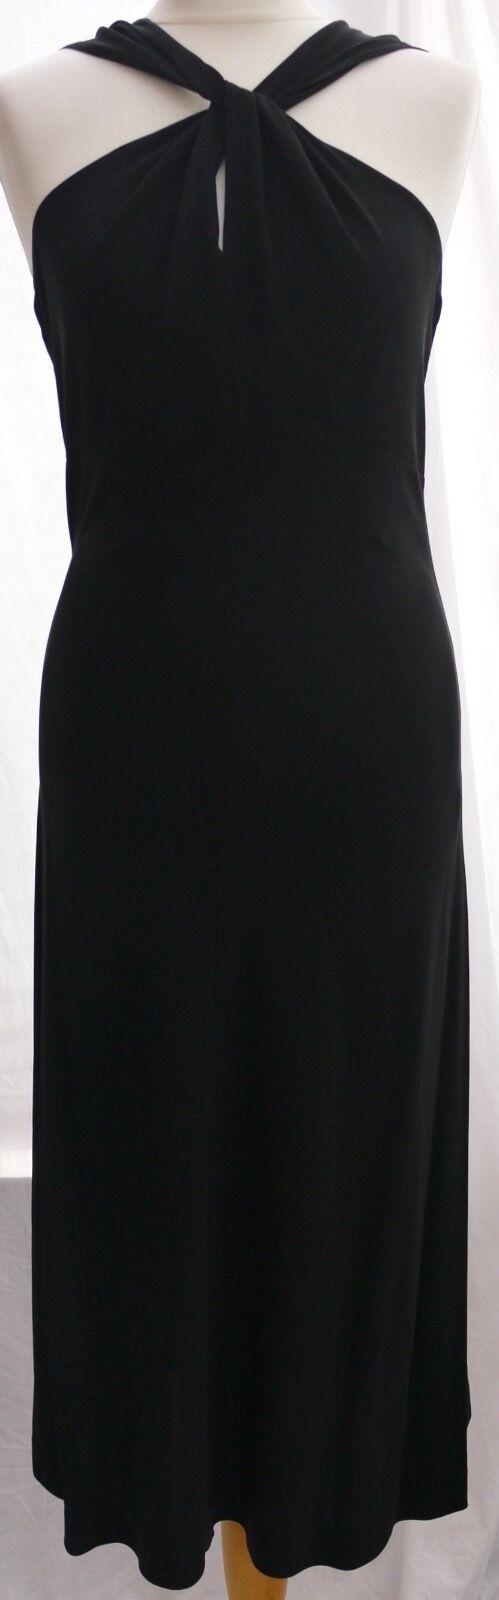 E'sensual Nero Lungo Stile Greco Strappy Vestito Aderente Festa Crociera LBD 10 nuovo senza etichetta